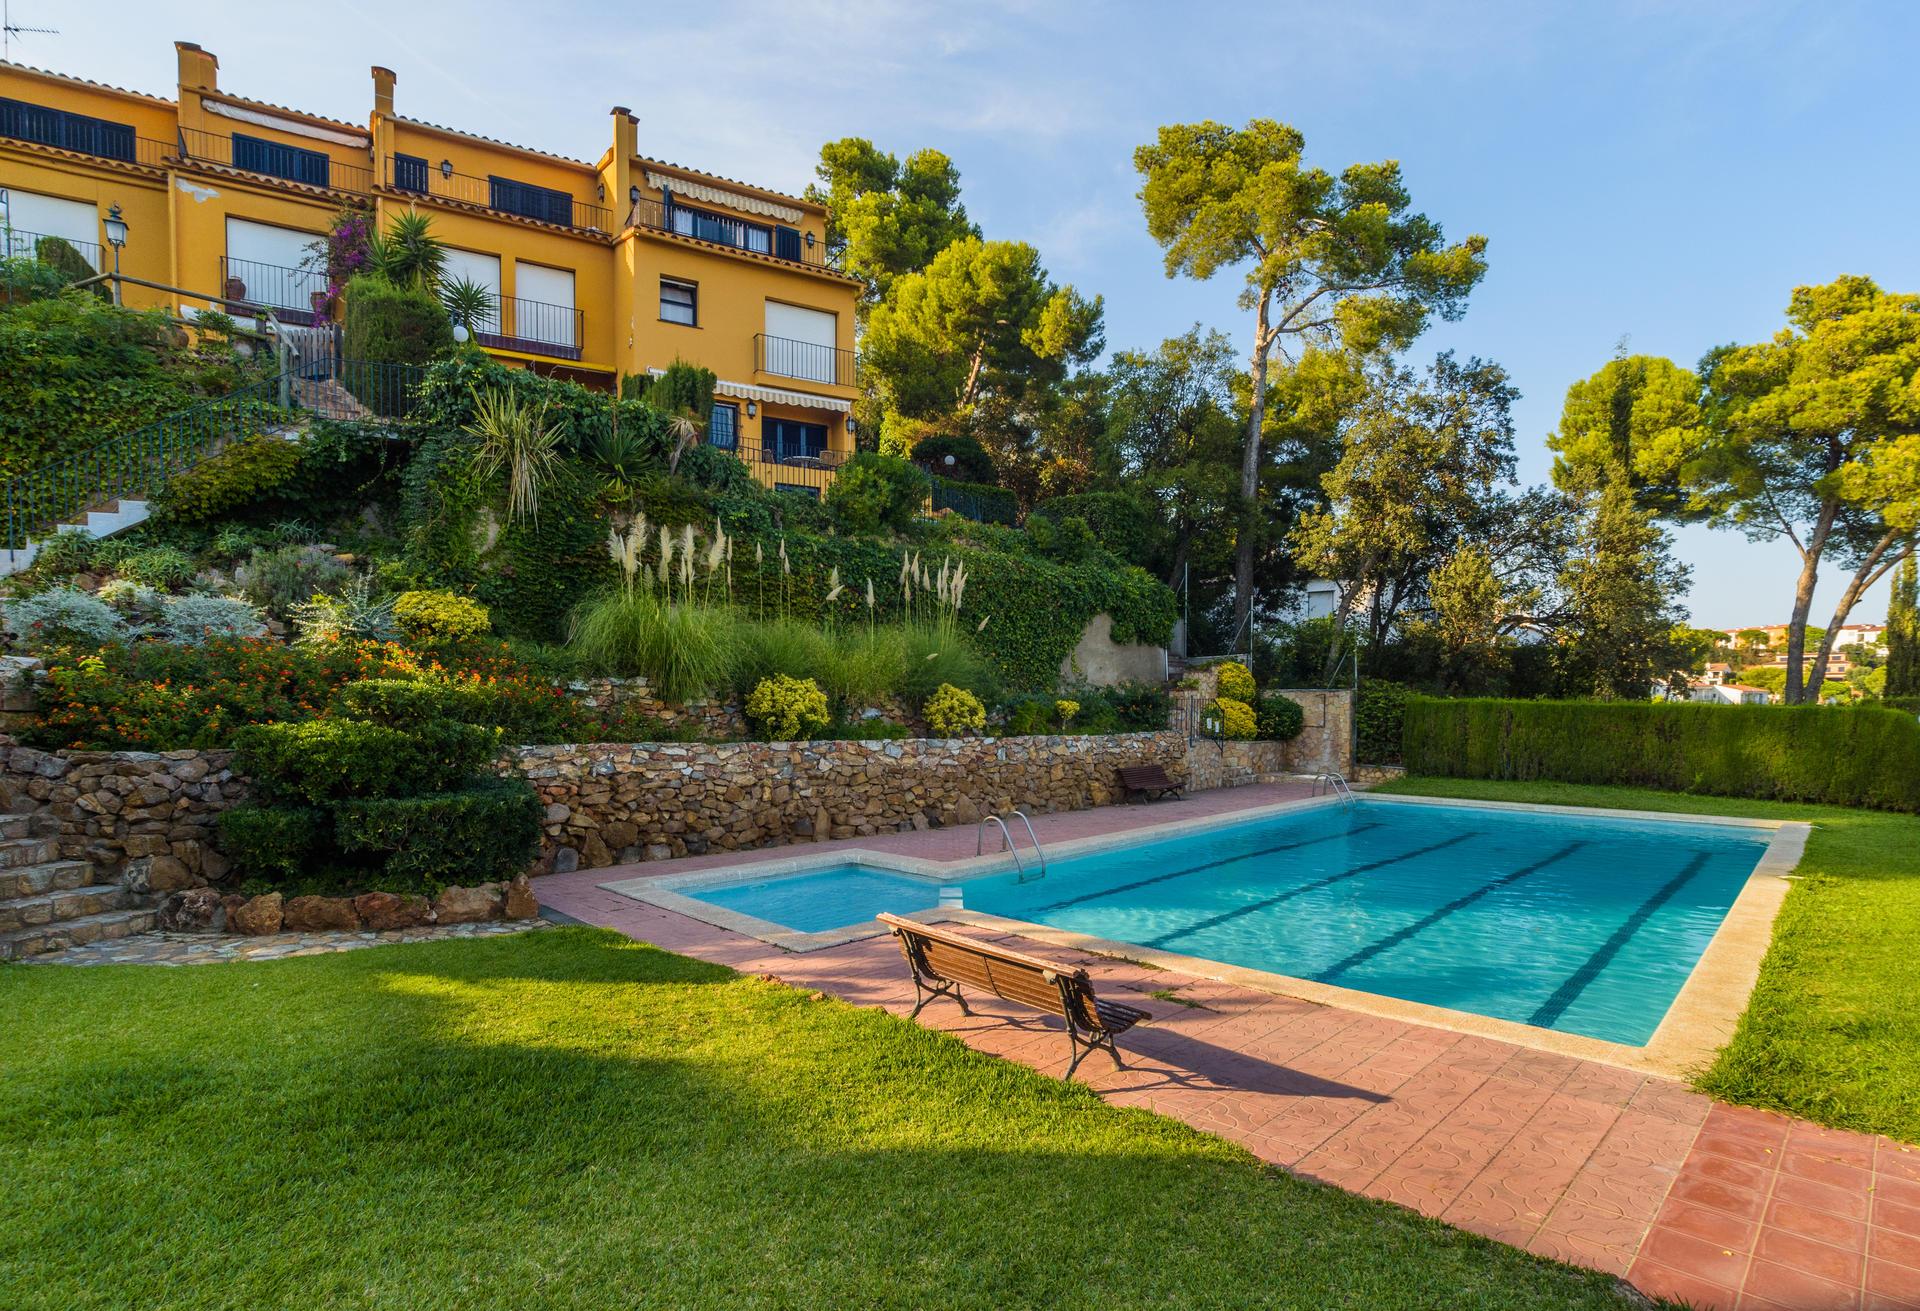 Apartamentos en calella de palafrugell, girona. Alquiler Casa en Calella de Palafrugell - CH-1 CALELLA DE ...